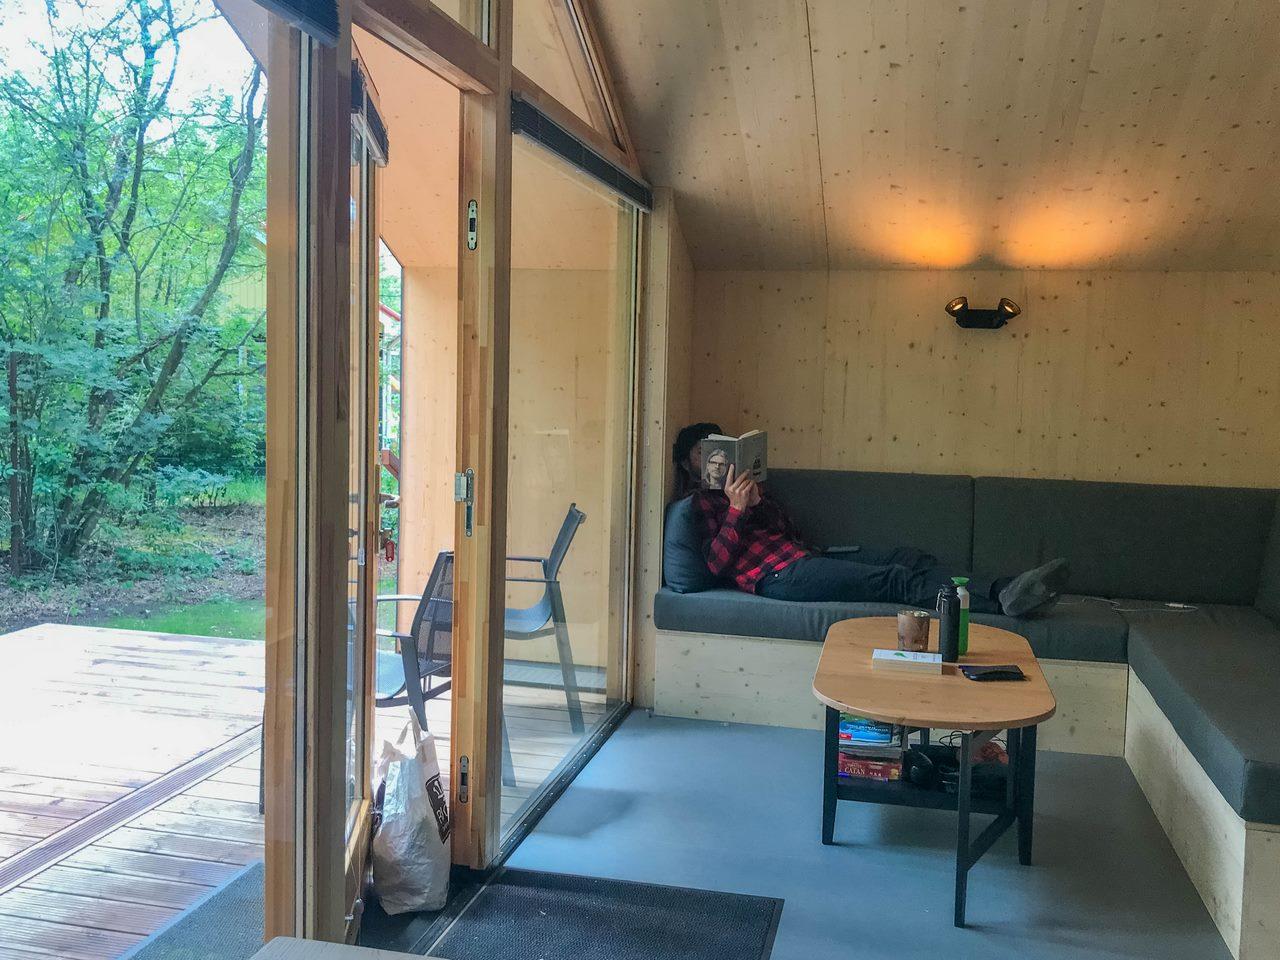 Ecohuisje bij Krikkenhaar (Iris Vermaas)